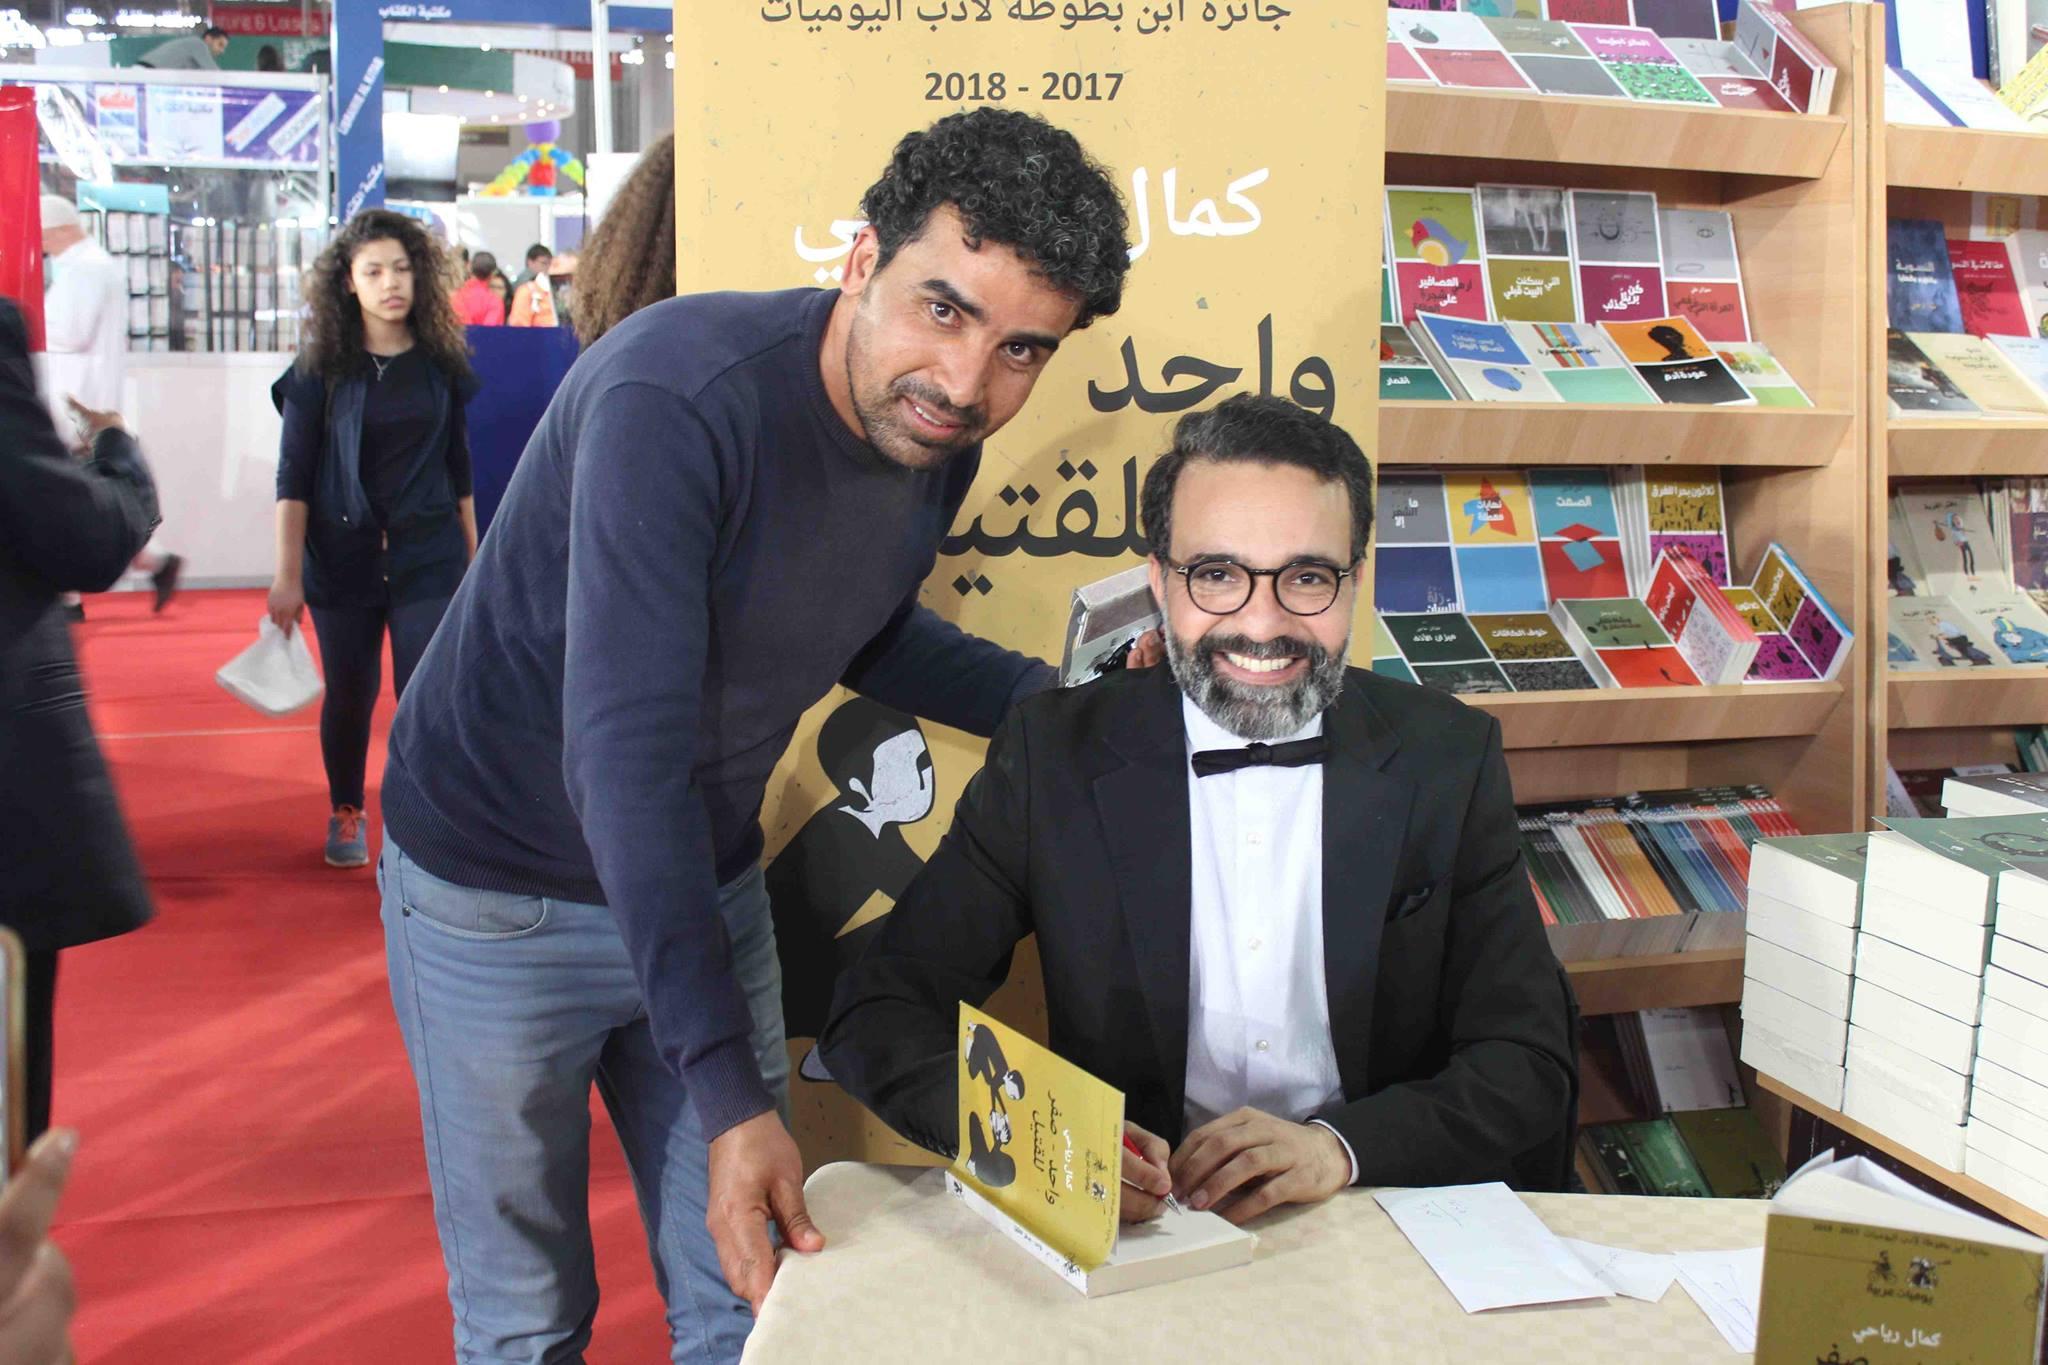 كمال الرياحى يوقع كتابه واحد صفر للقتيل الفائز بجائزة ابن بطوطة فى معرض تونس (28)